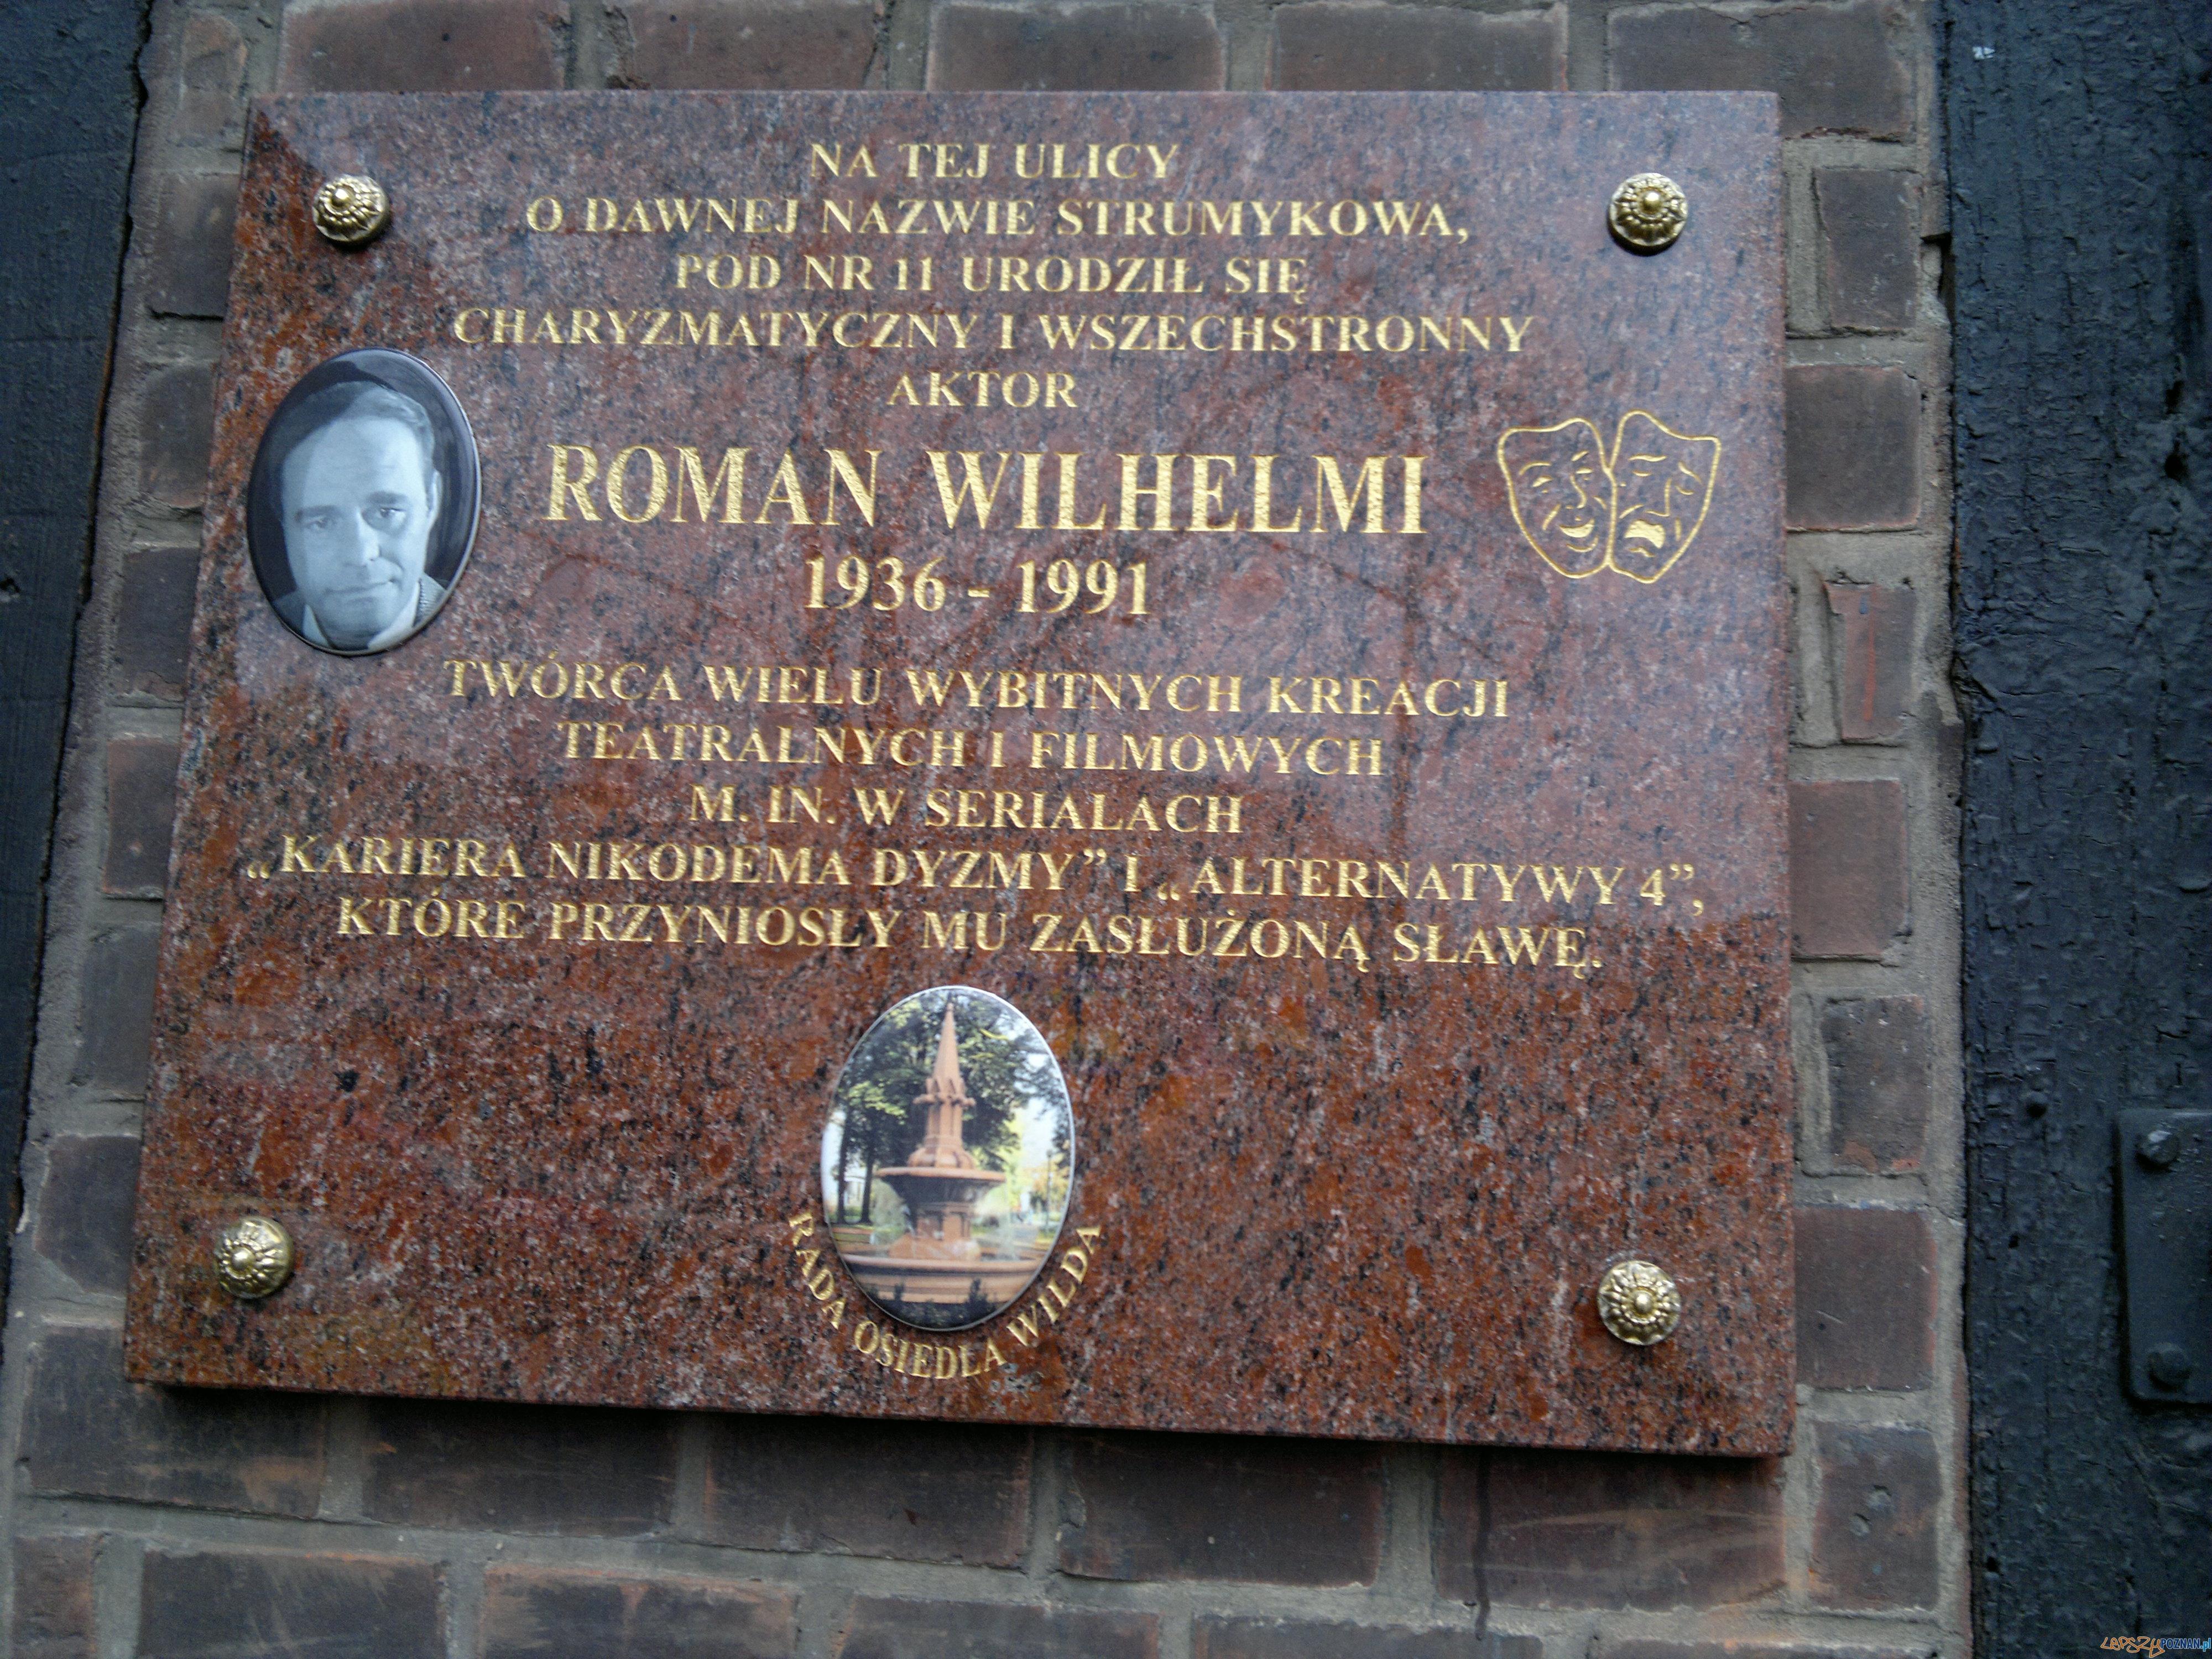 Tablica pamiątkowa Romana Wilhelmiego na ulicy Sikorskiego, kiedyś Strumykowej  Foto: TD